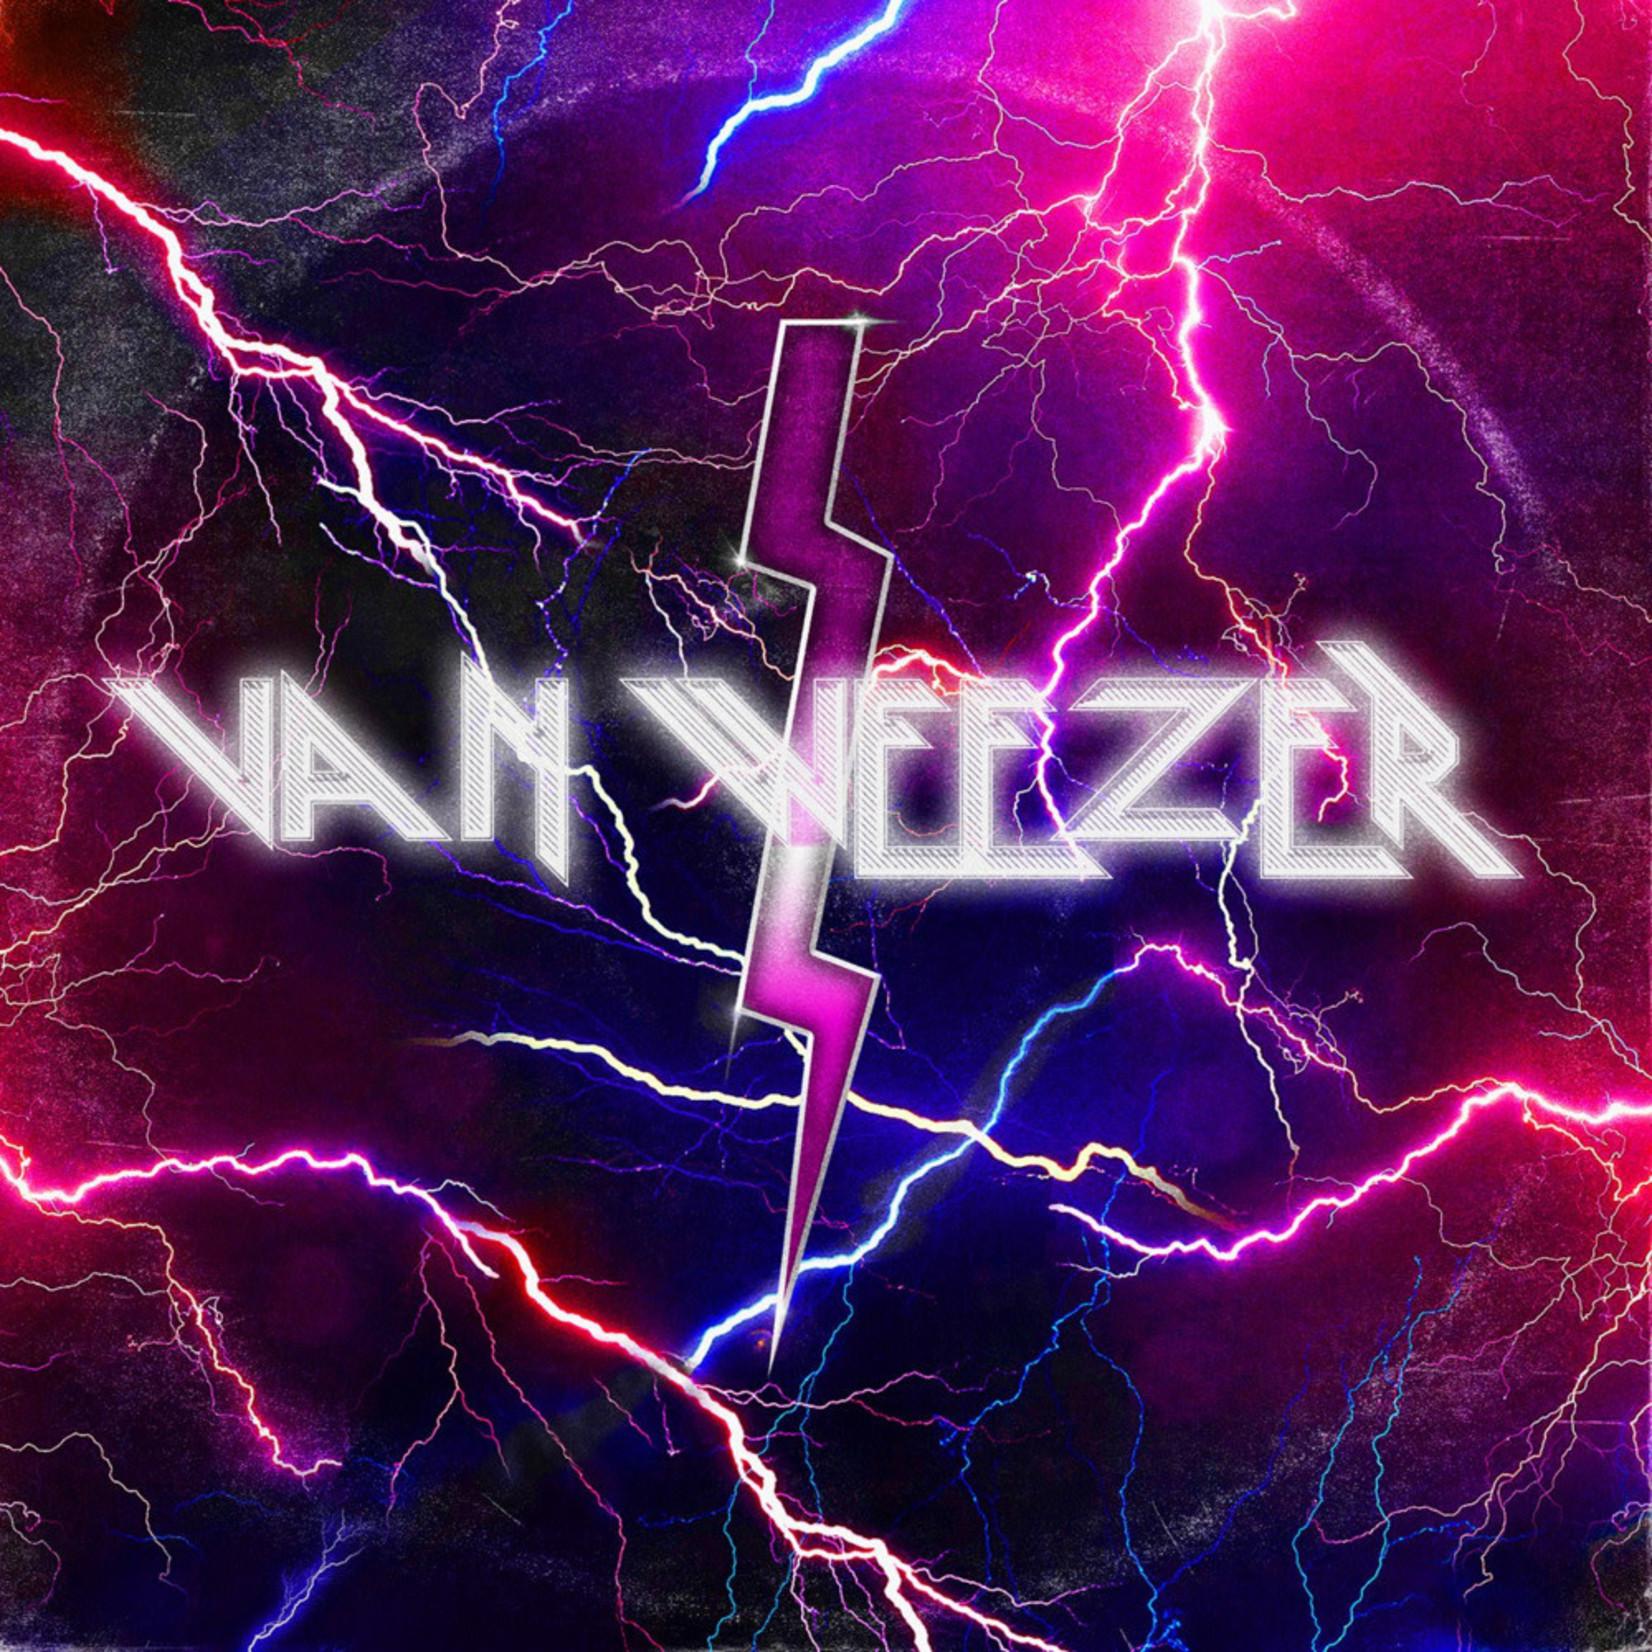 [New] Weezer: Van Weezer